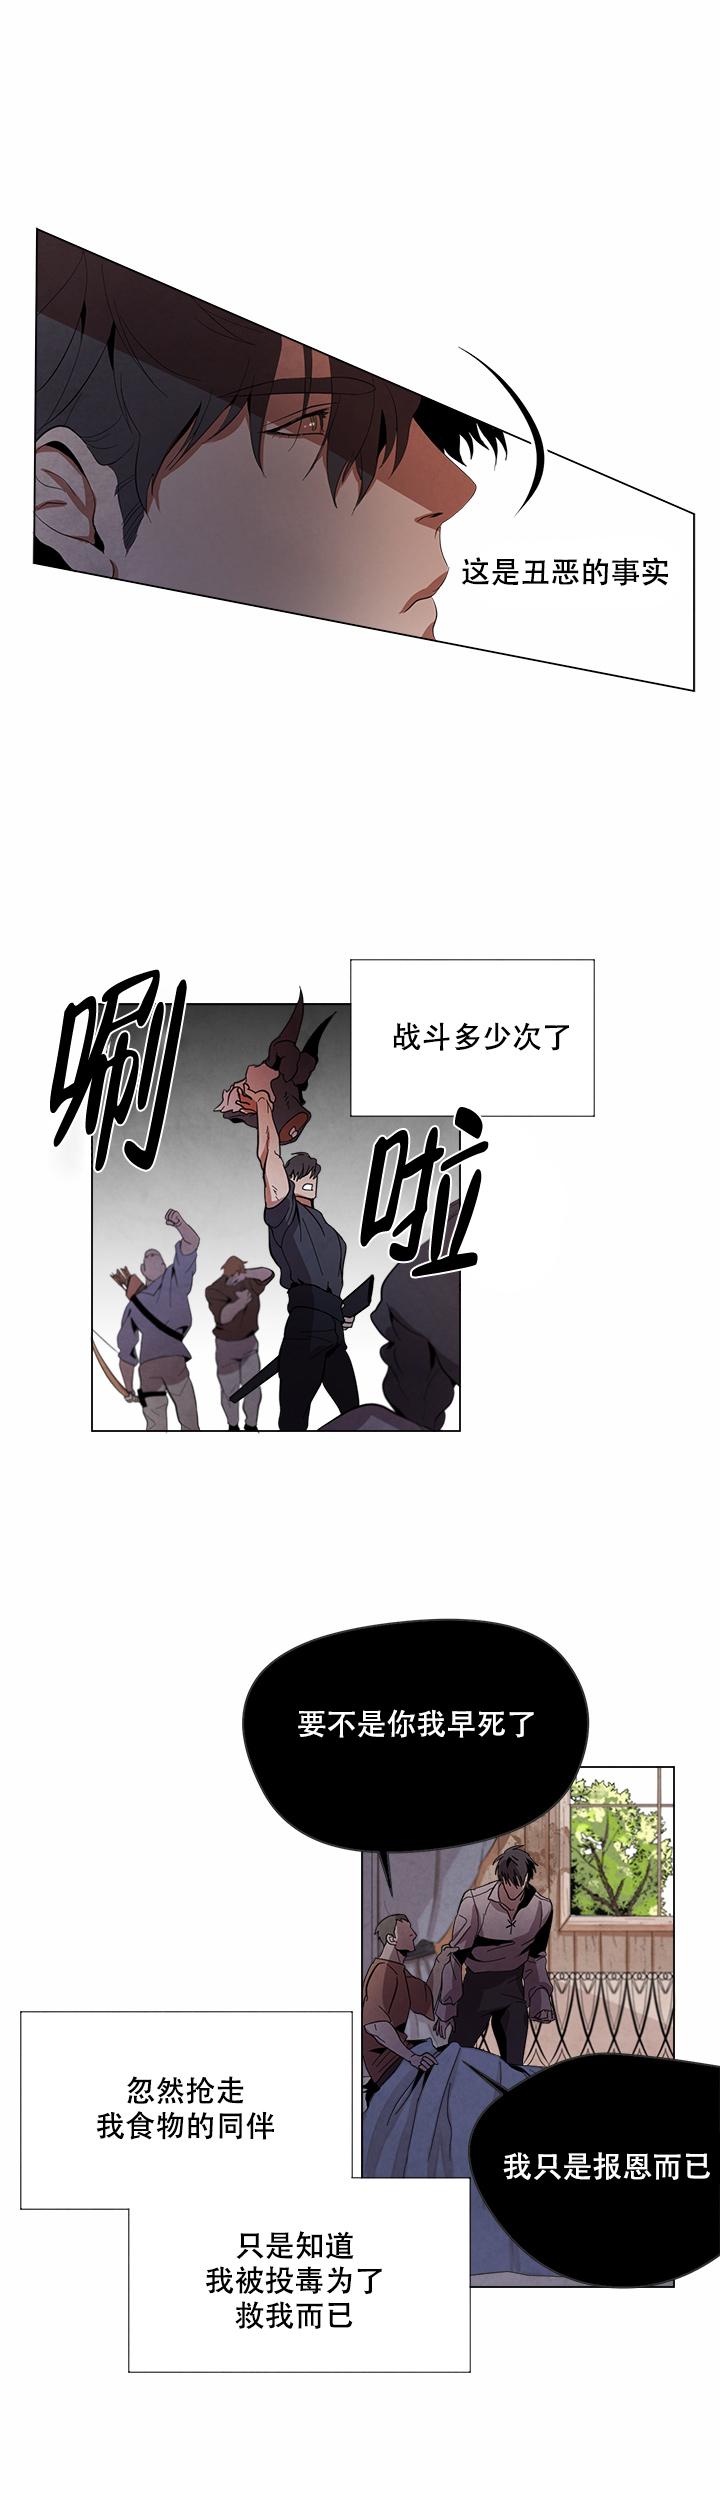 勇士,之后-免费漫画下拉式百度云资源_番外汉化版-啵乐漫画